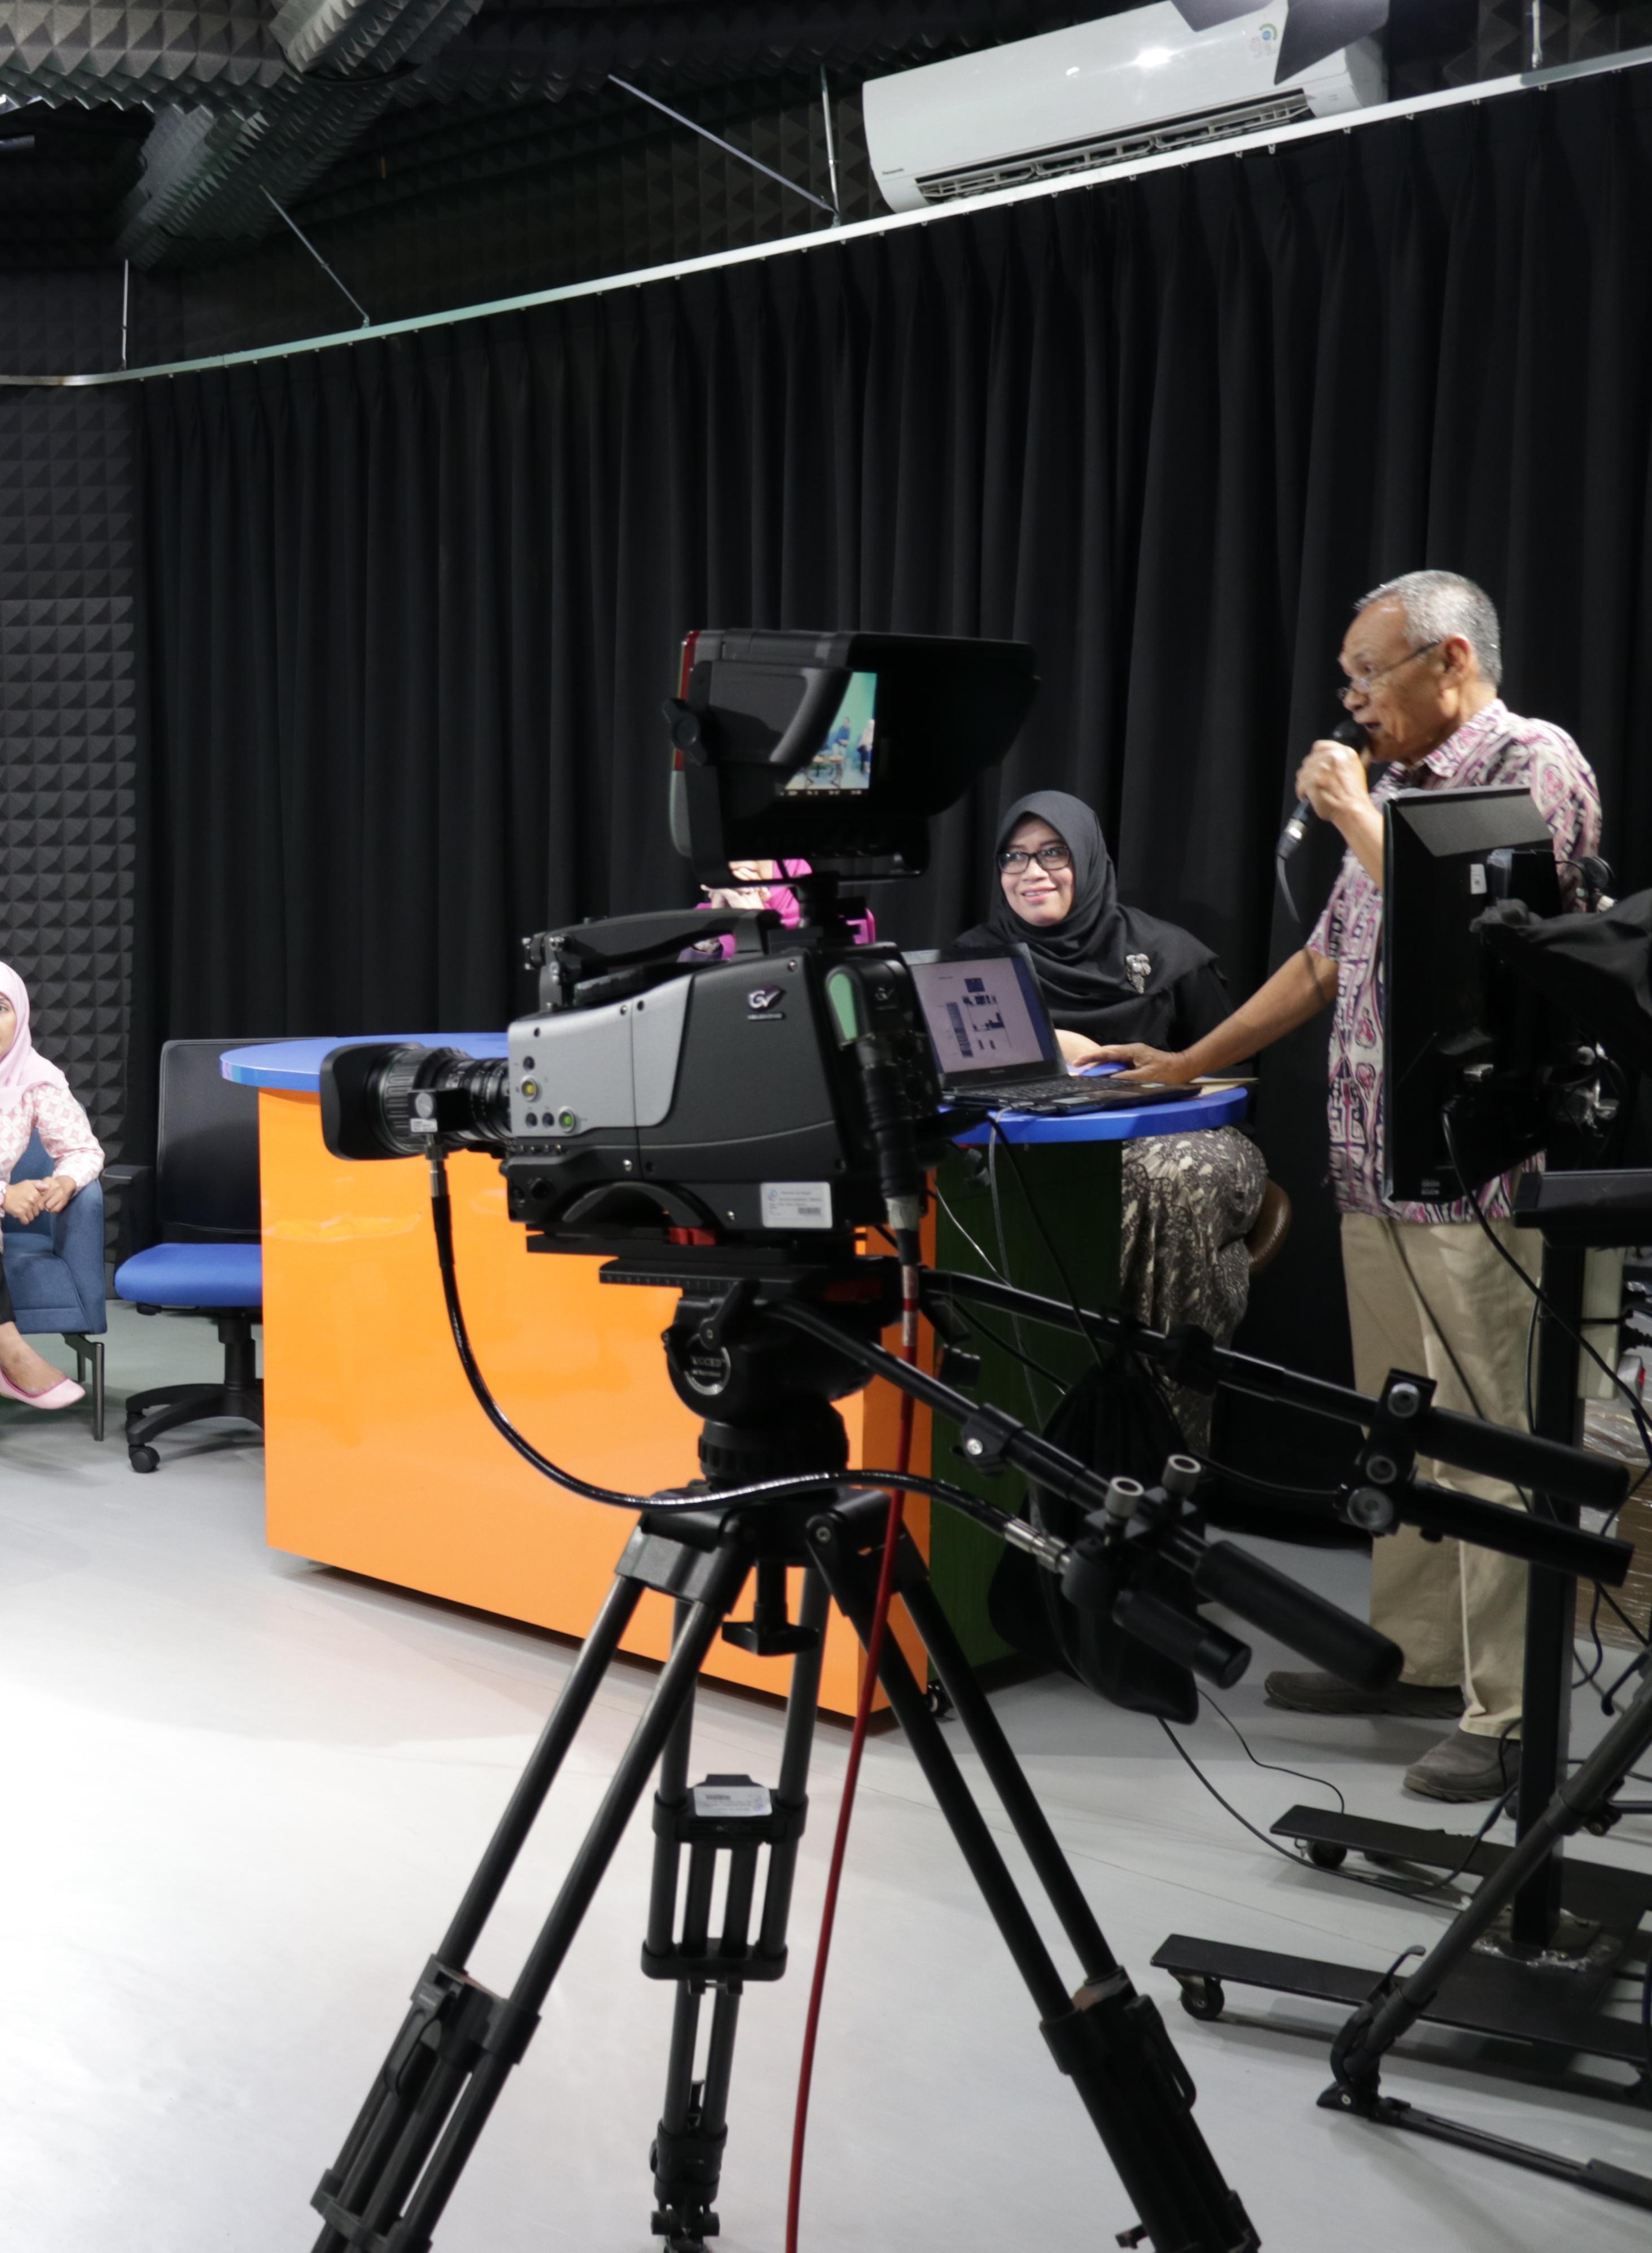 Tingkatkan Daya Saing Dalam Revolusi Industri Penyiaran, FIKOM UEU Bangun Broadcast Integrated System